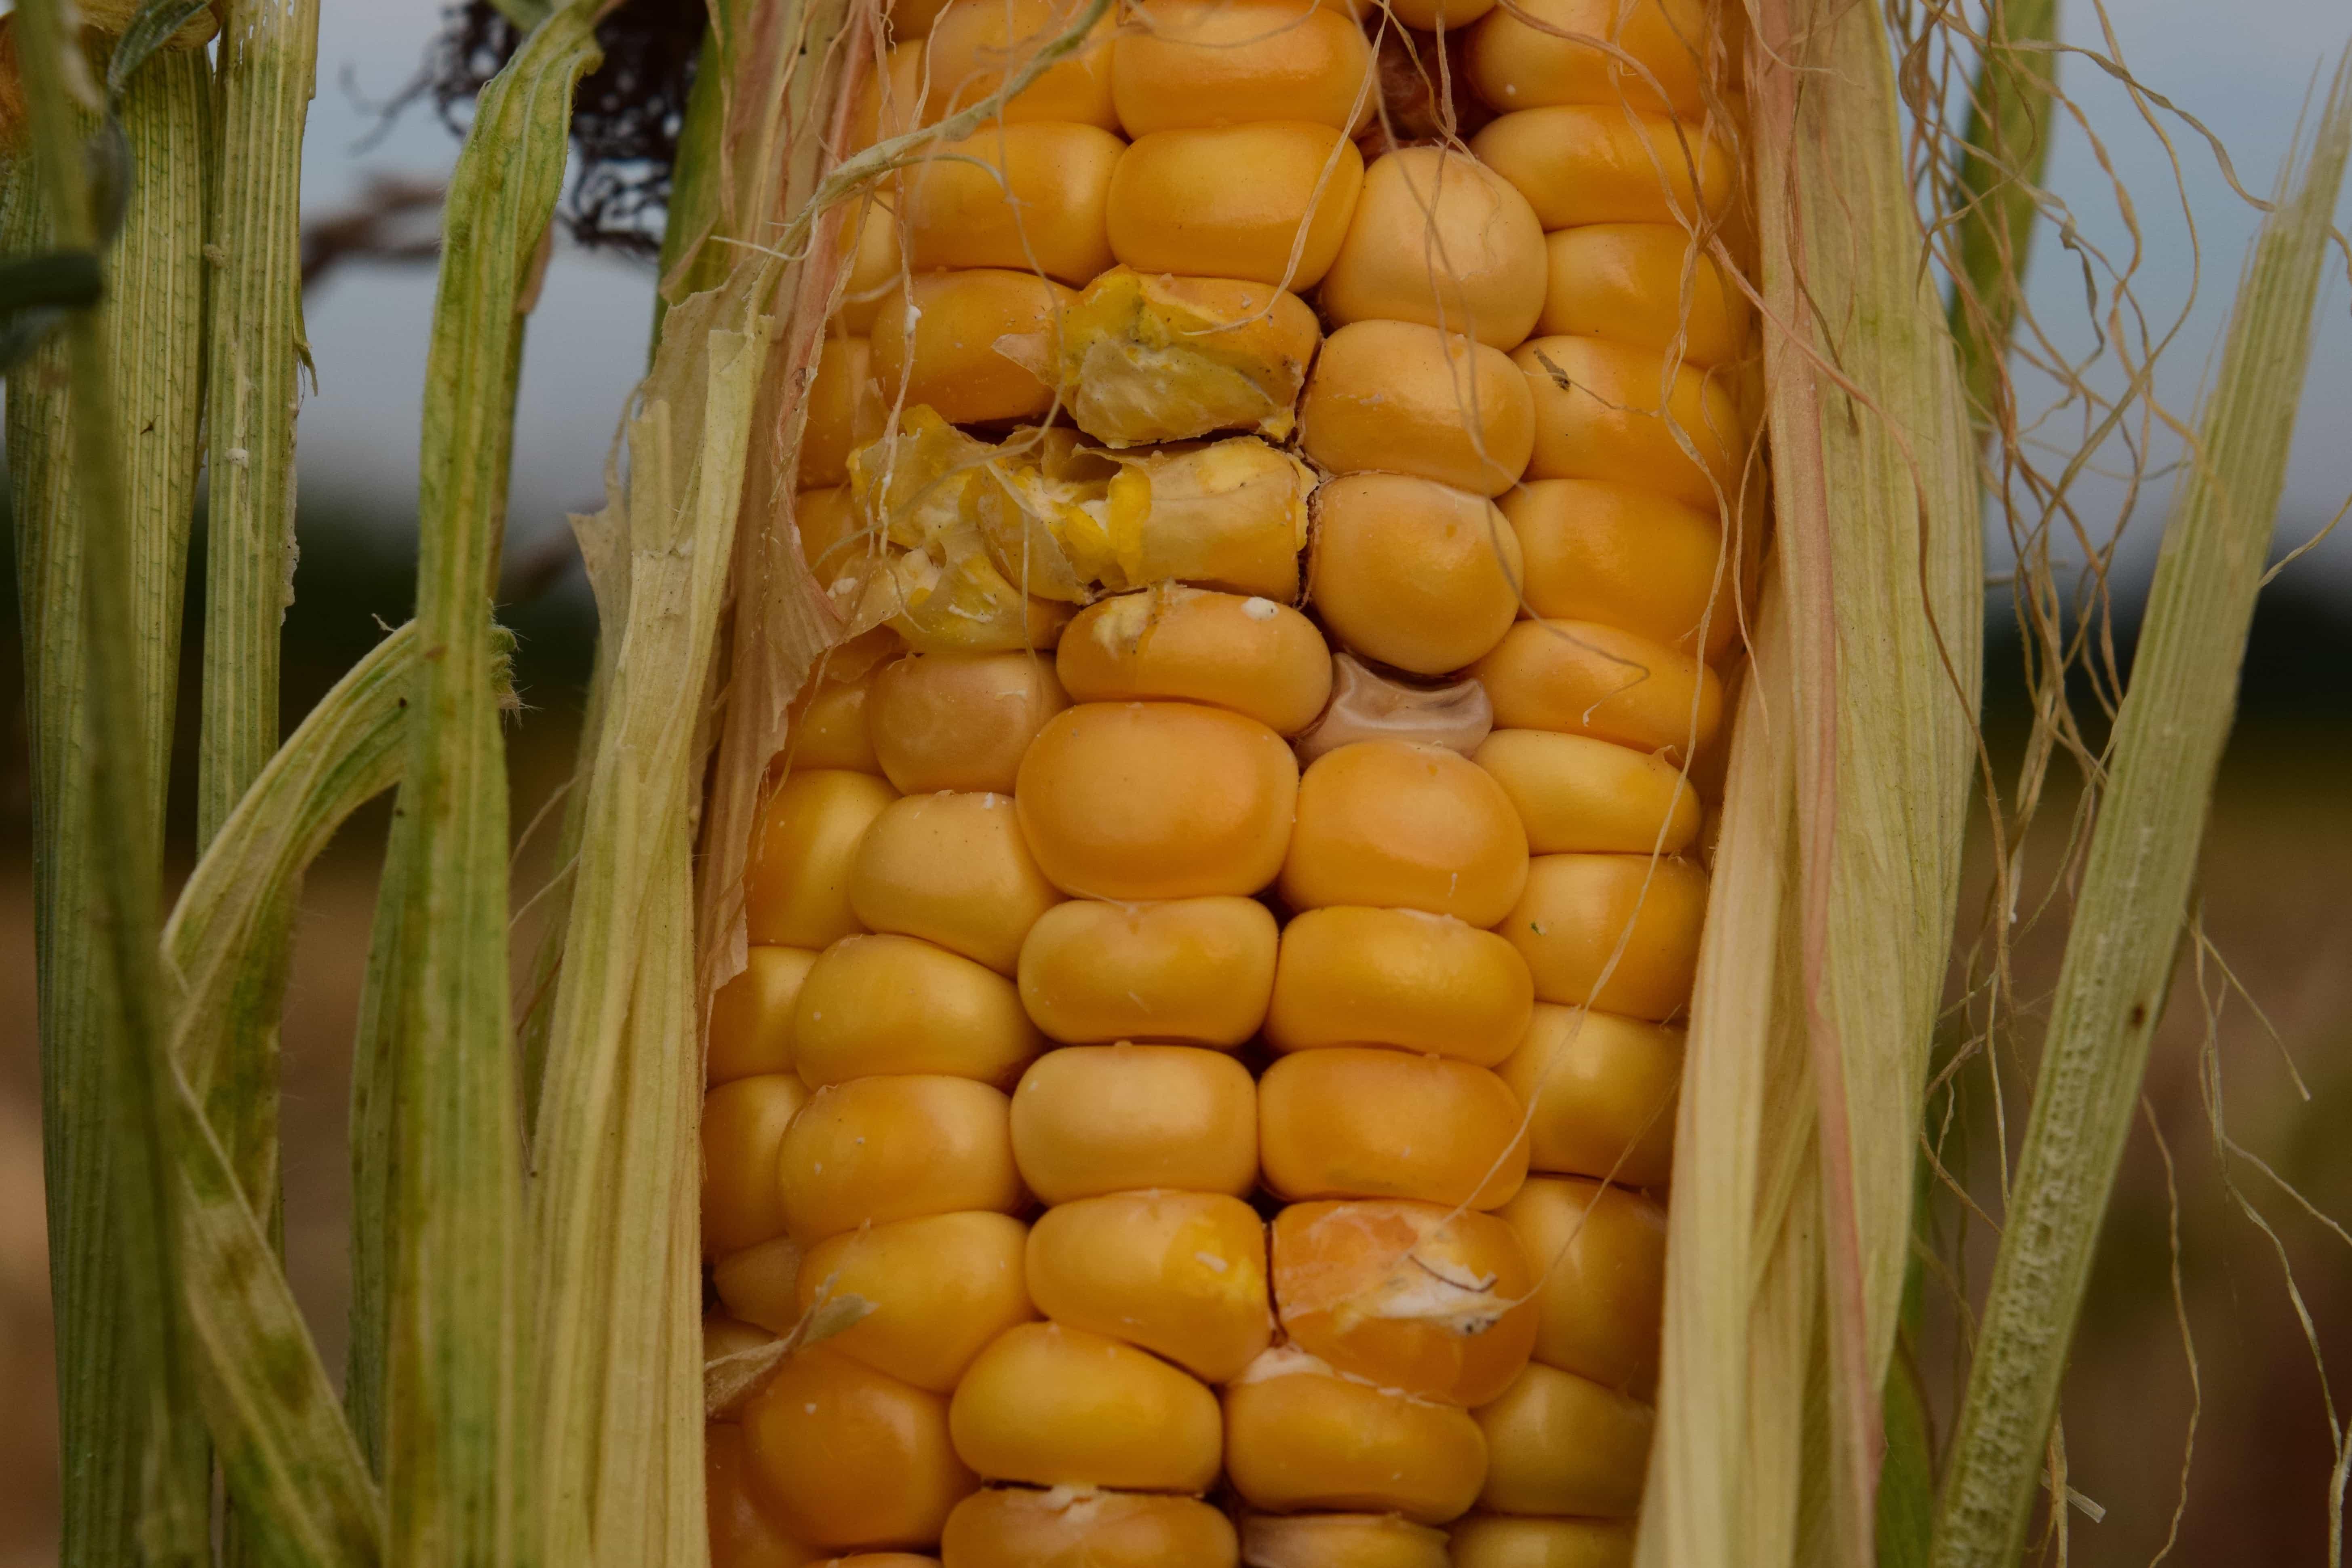 картинка кукурузы в жару довольно